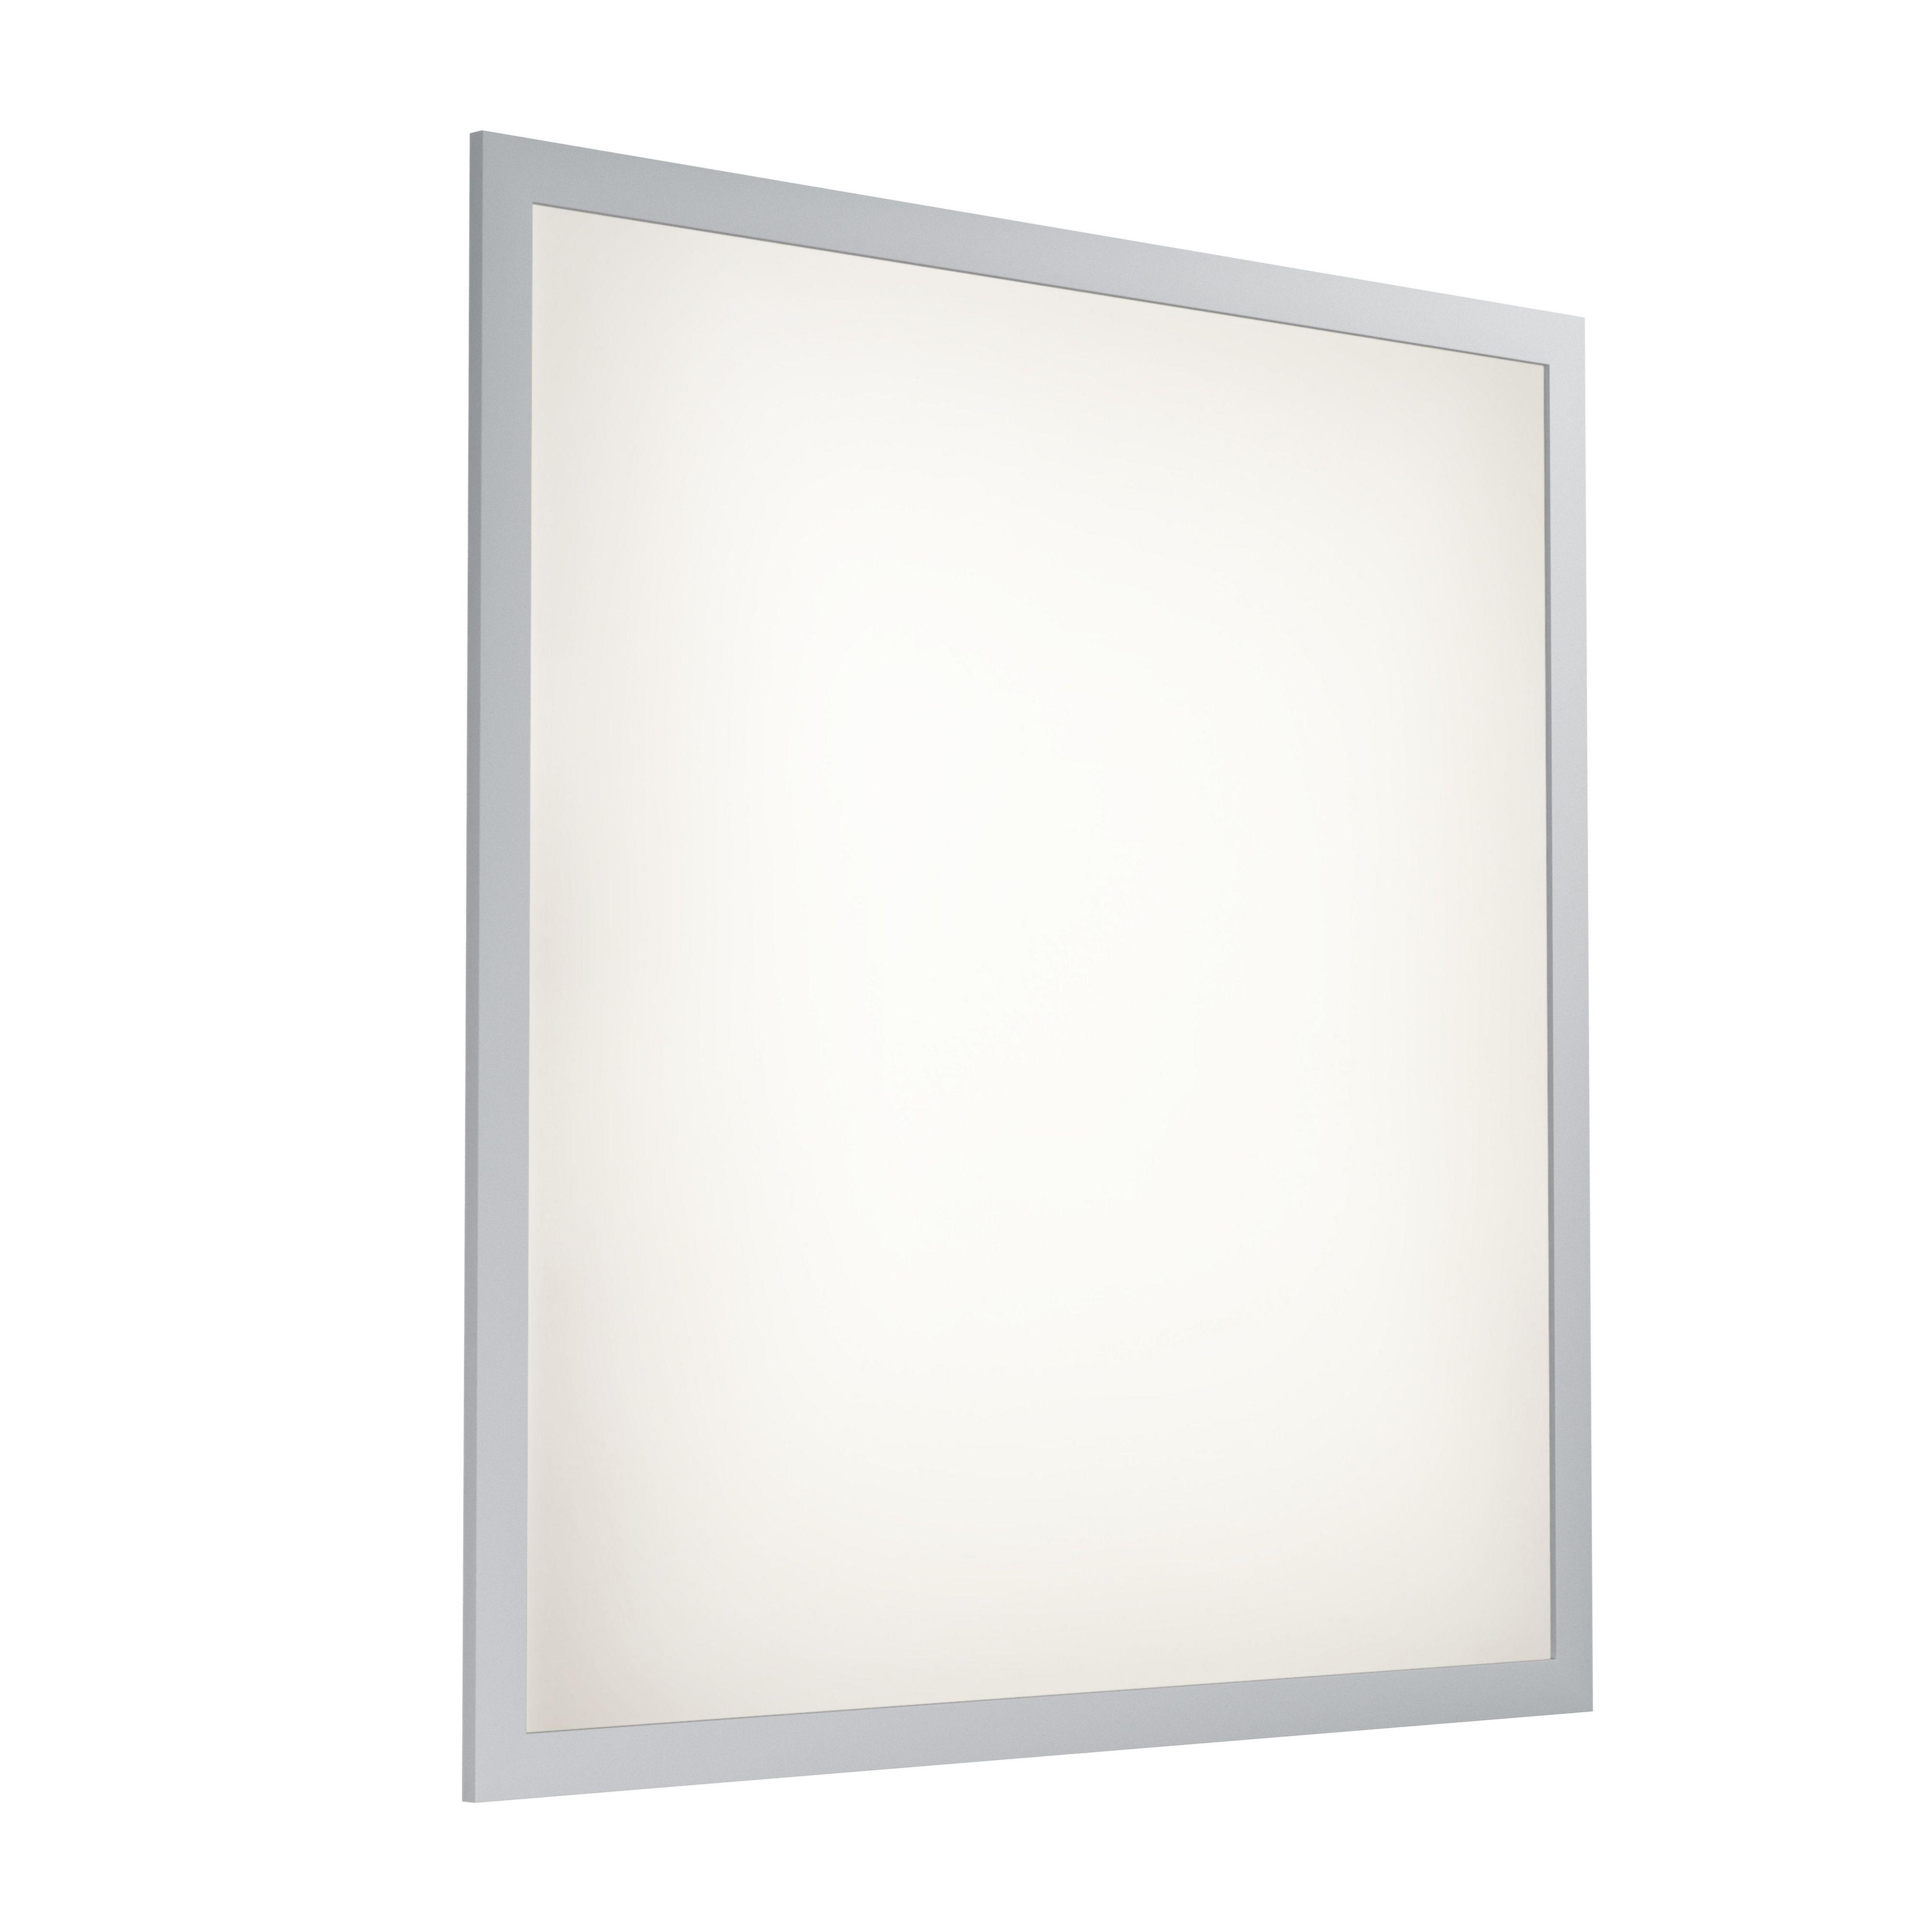 Osram Flache LED-Panelleuchte zur Einbaumontage »PLANON PURE 60x60 36 W 830«